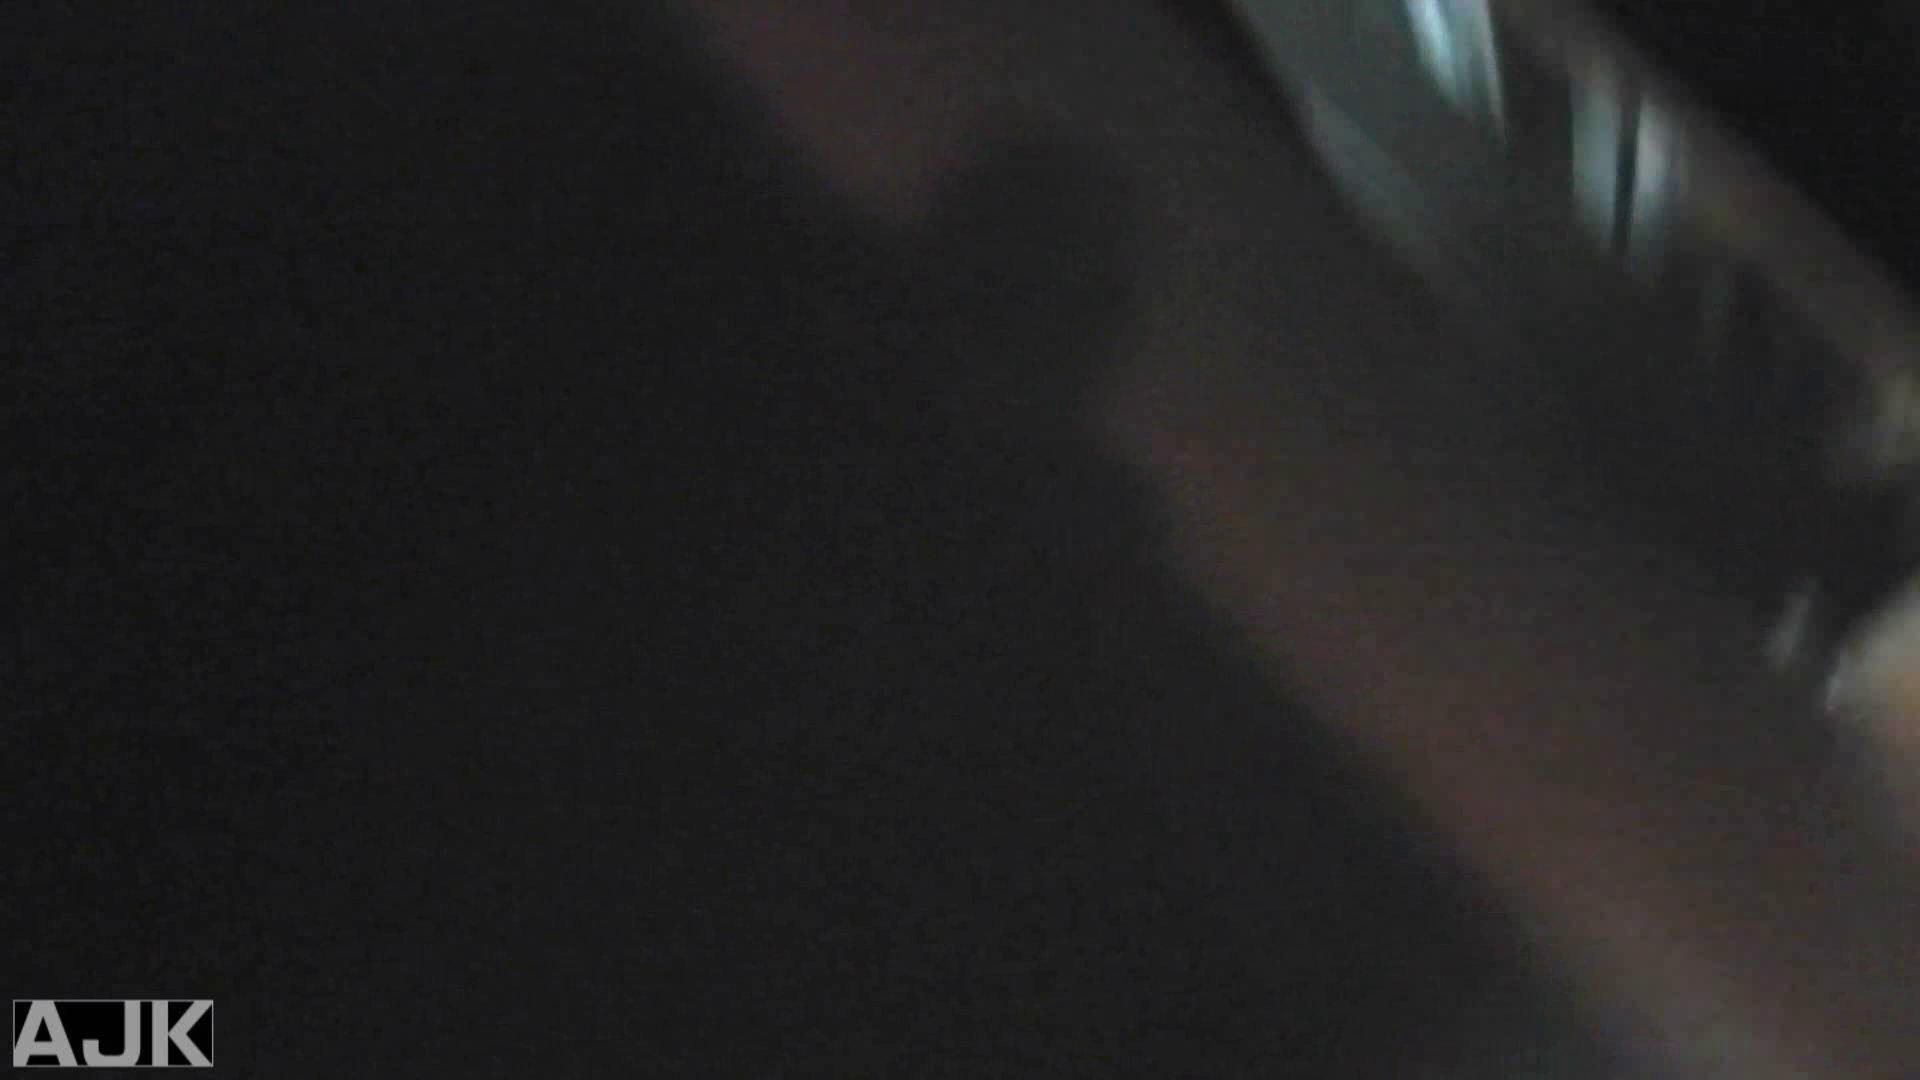 神降臨!史上最強の潜入かわや! vol.25 オマンコ | 肛門  82pic 82